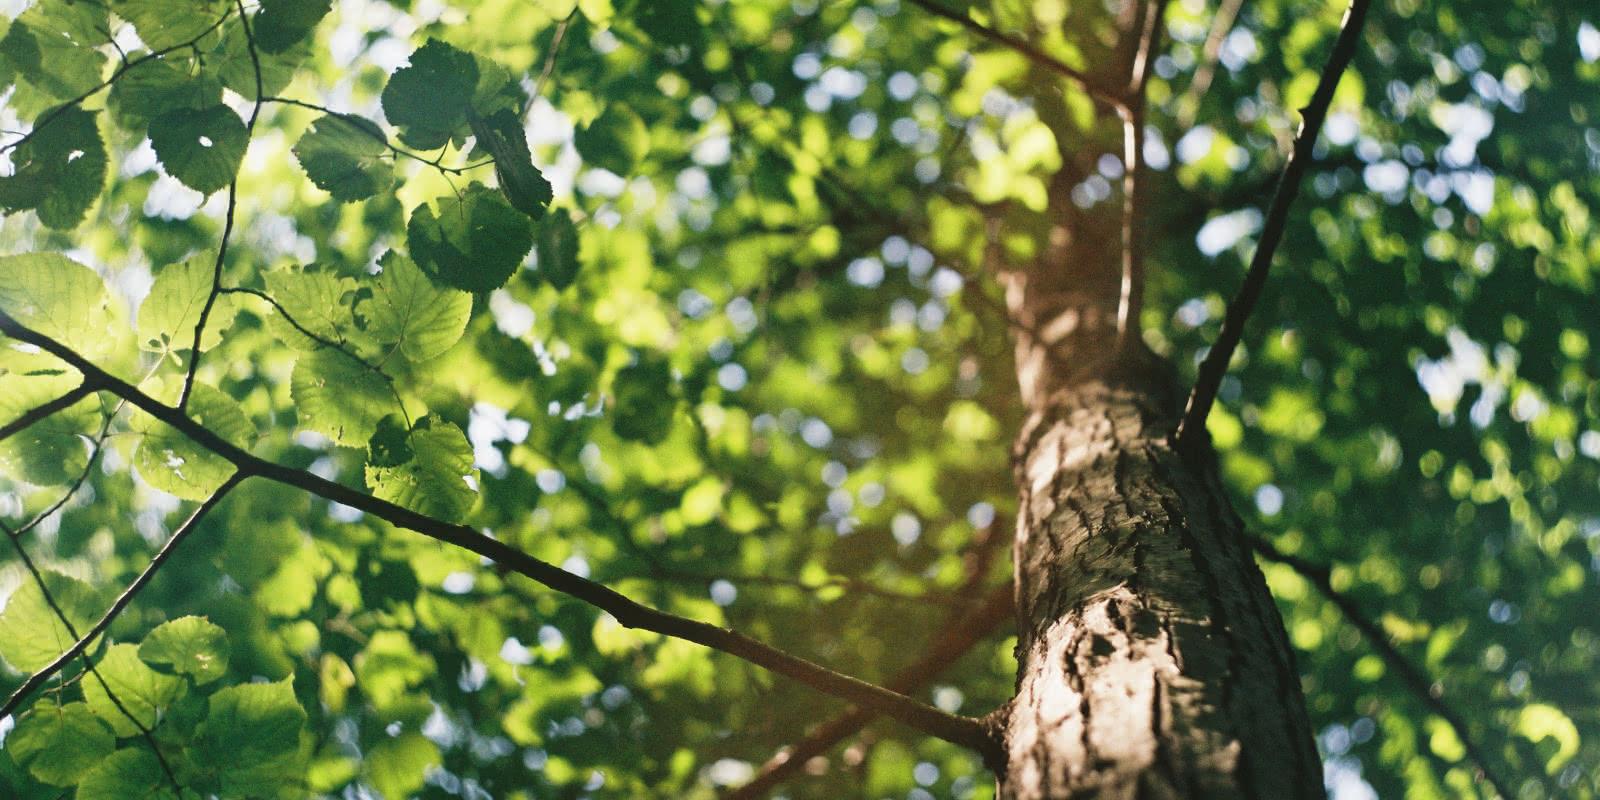 Photo de la cime d'un arbre en forêt de Montmorency